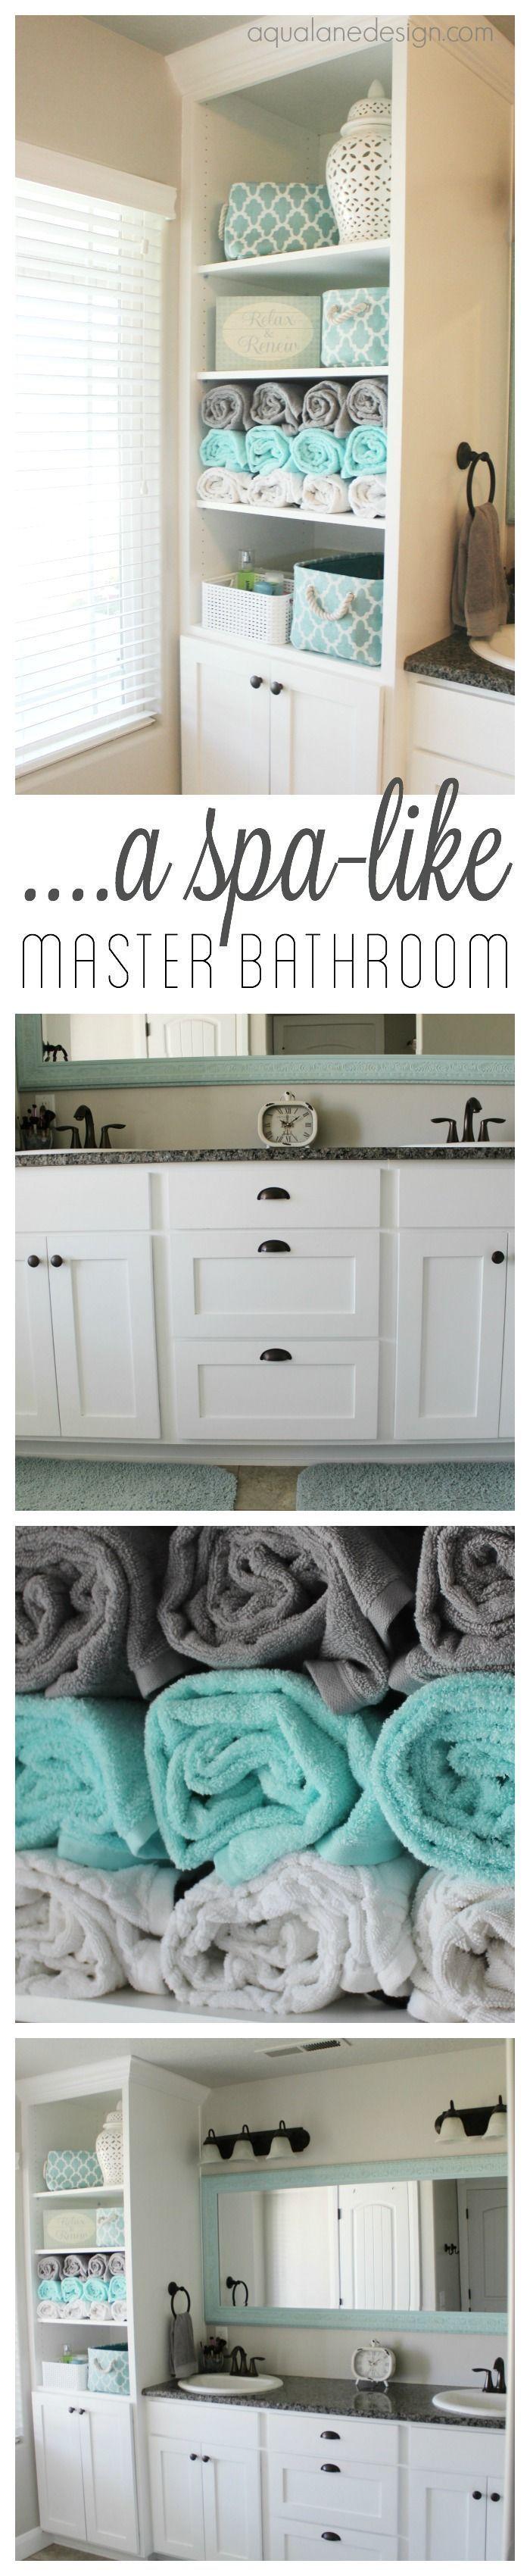 A spa like master bathroom | open linen closet | aqua and gray bathroom